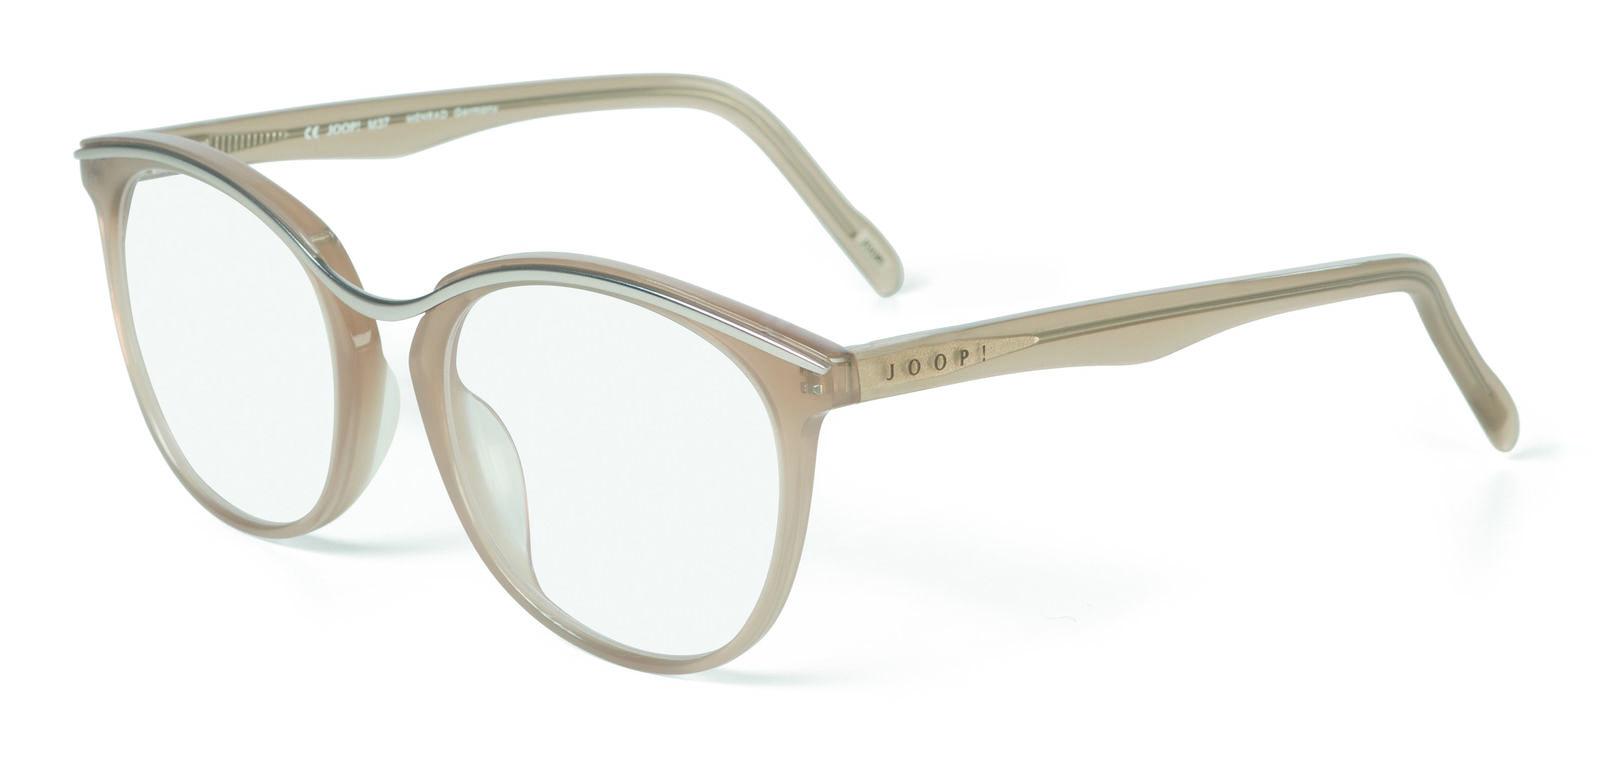 JOOP! Eyewear (Bild 2)